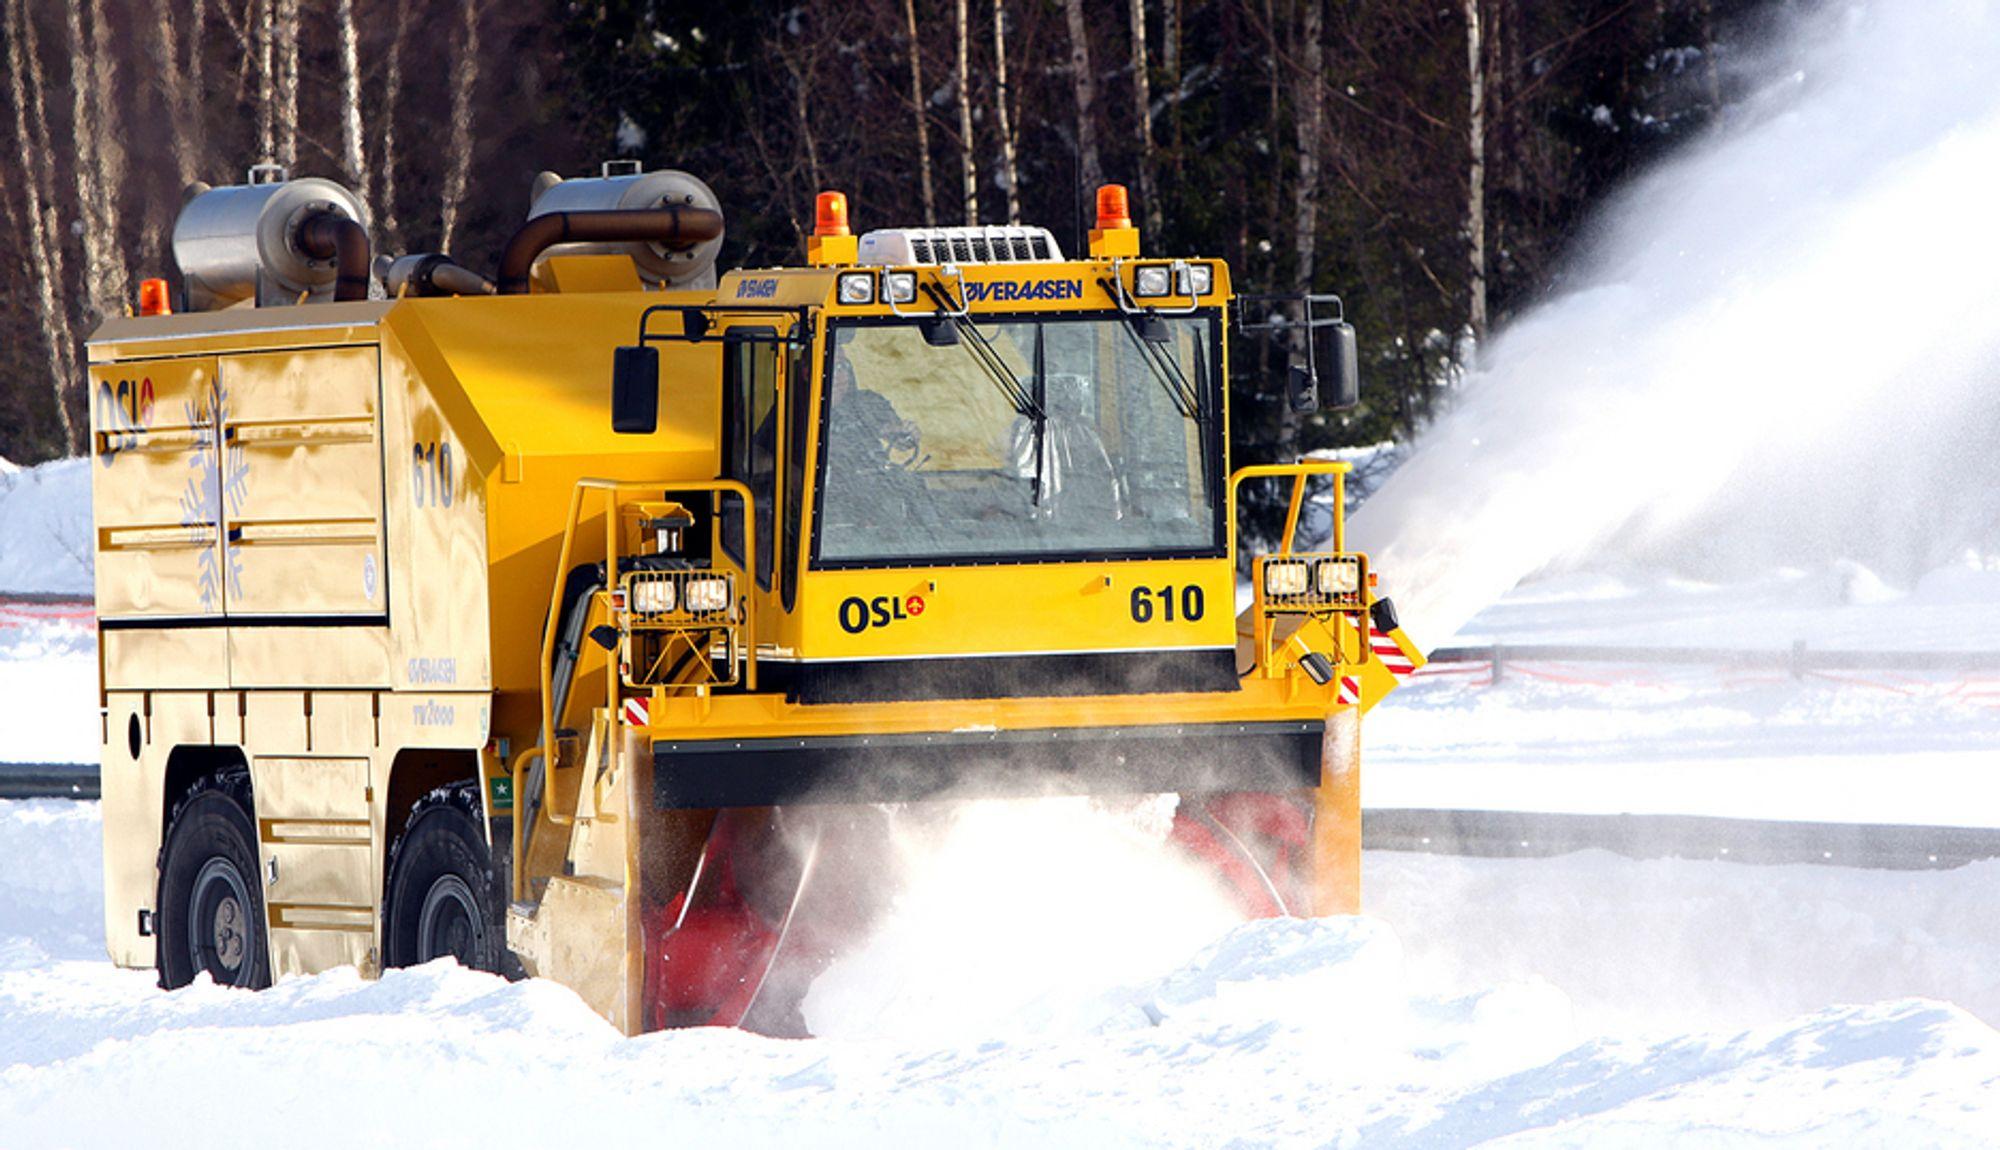 TV 2000 fra Øveraasen er verdens største selvgående snøfres. Til daglig jobber den med å rydde snø på Oslo lufthavn Gardermoen.